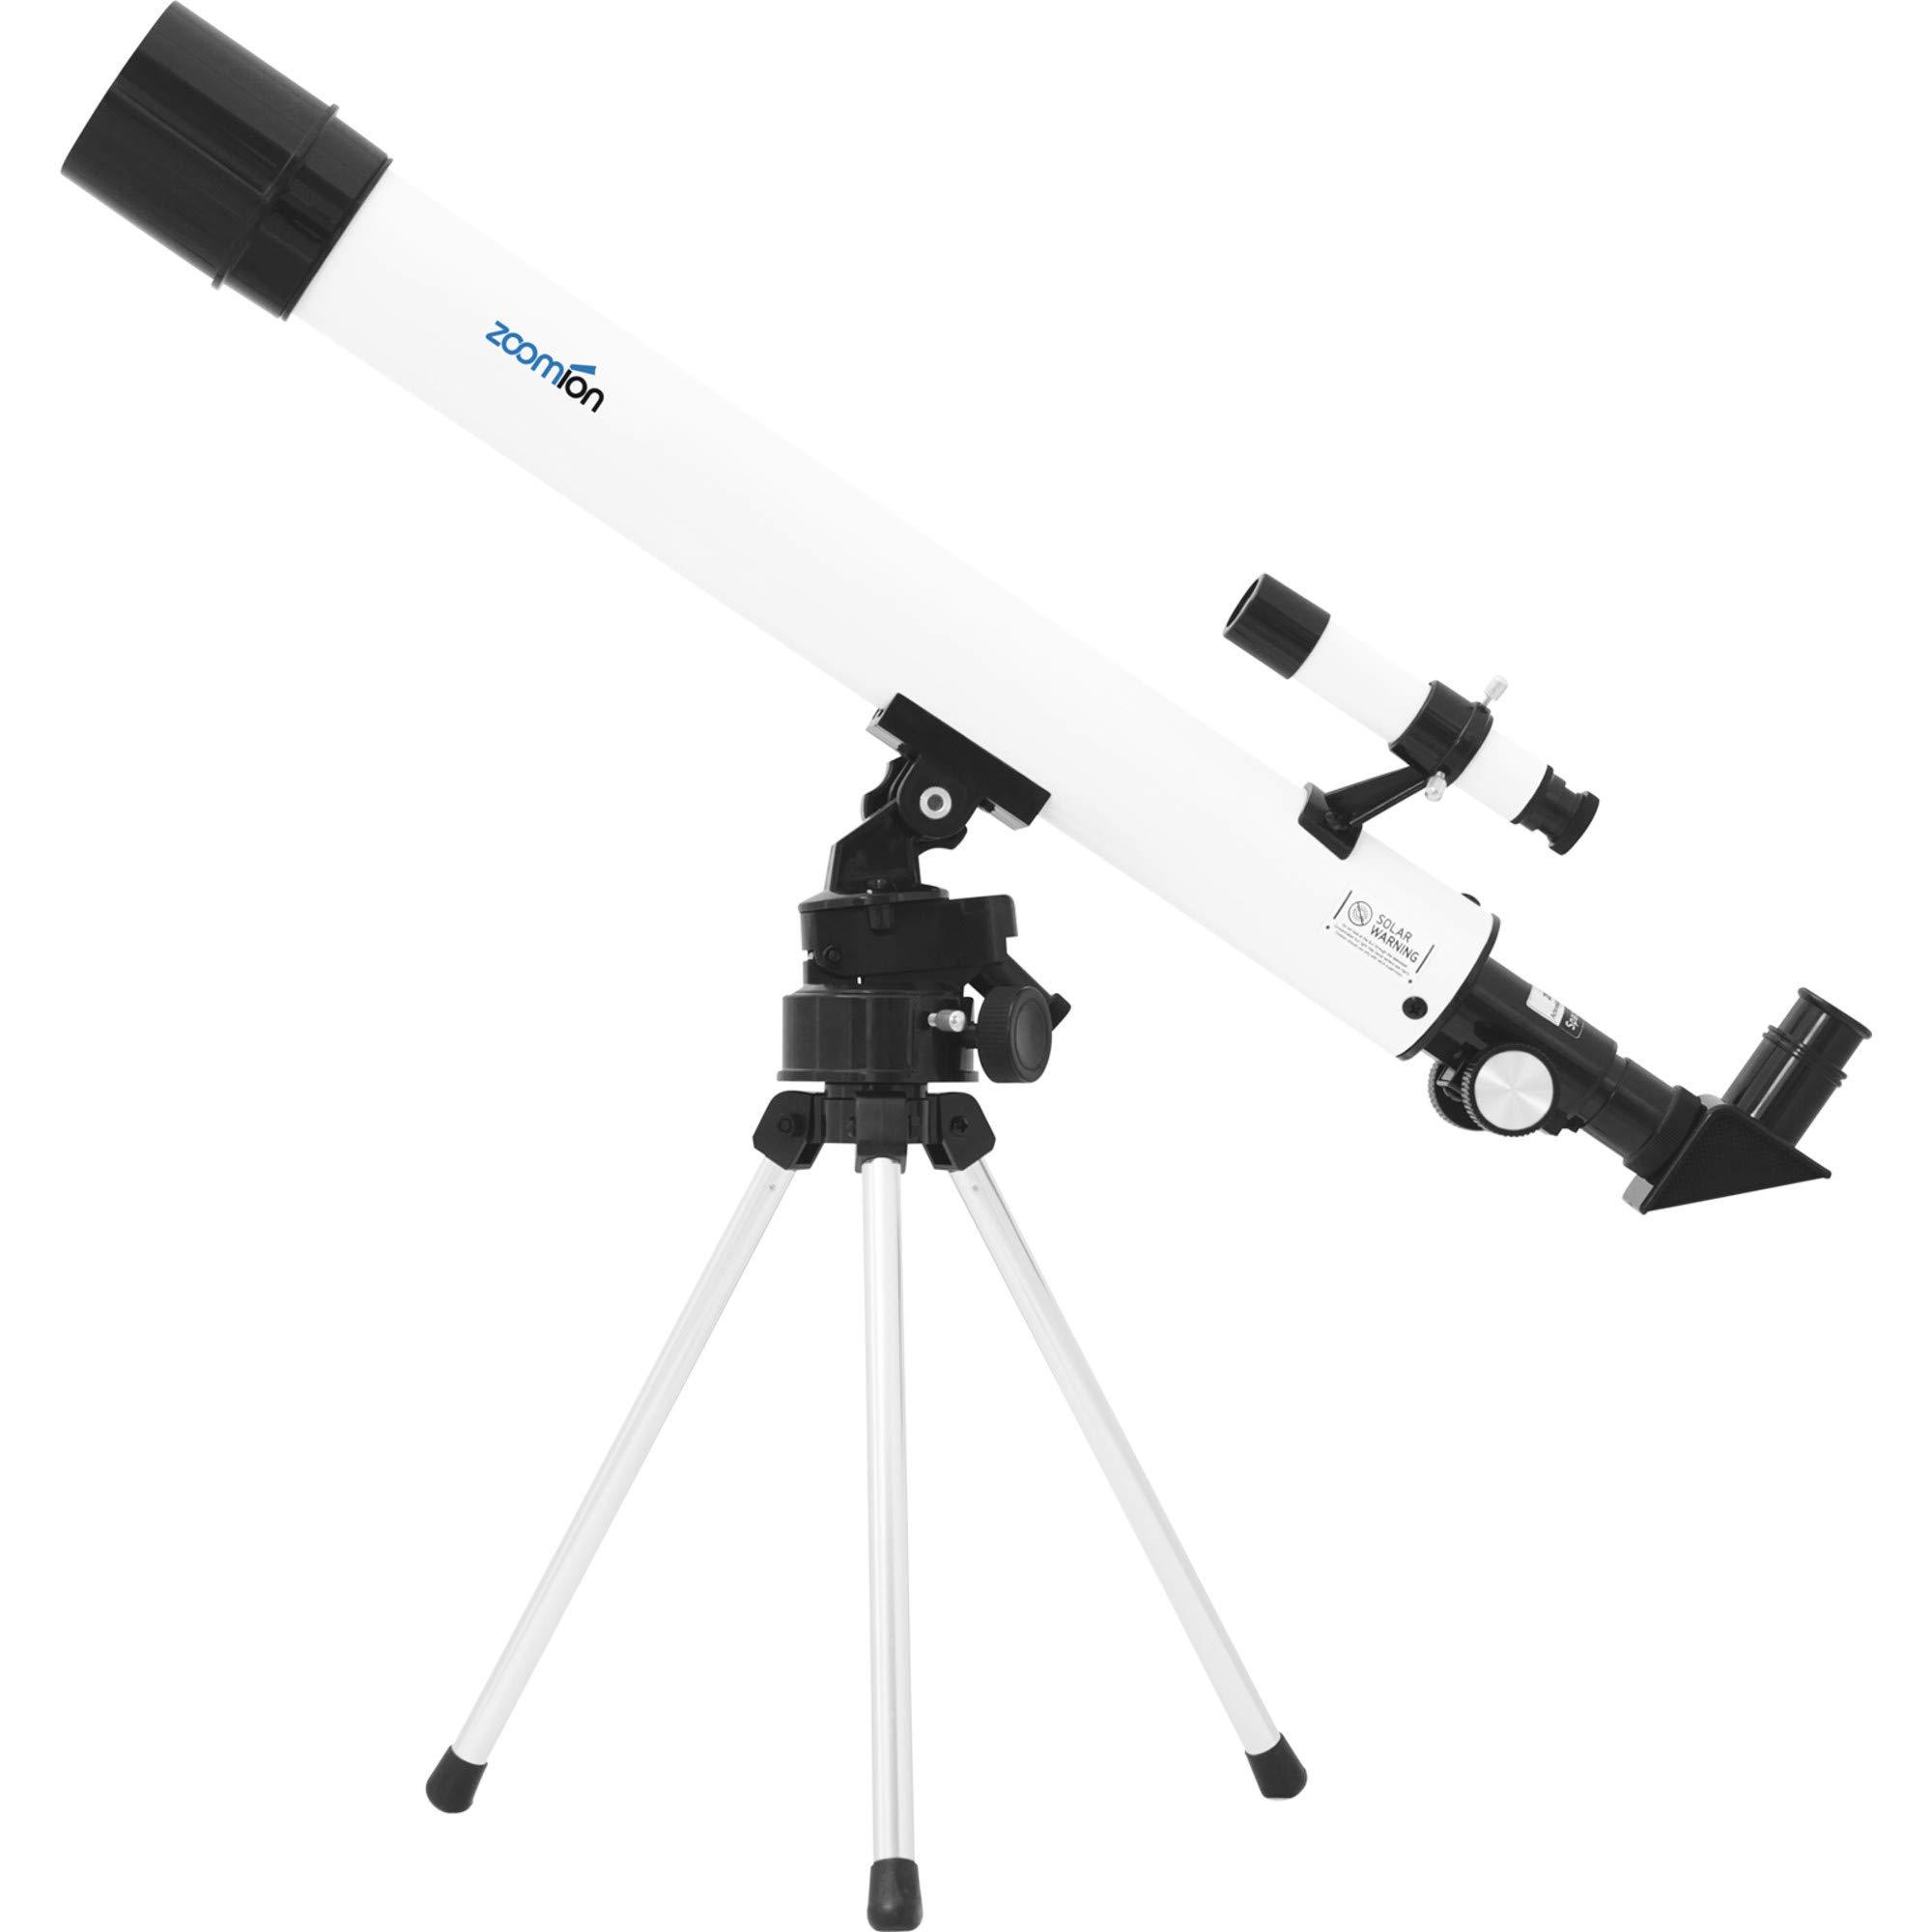 Zoomion Spaceboy 50500 AZ télescope astronomique Lunette